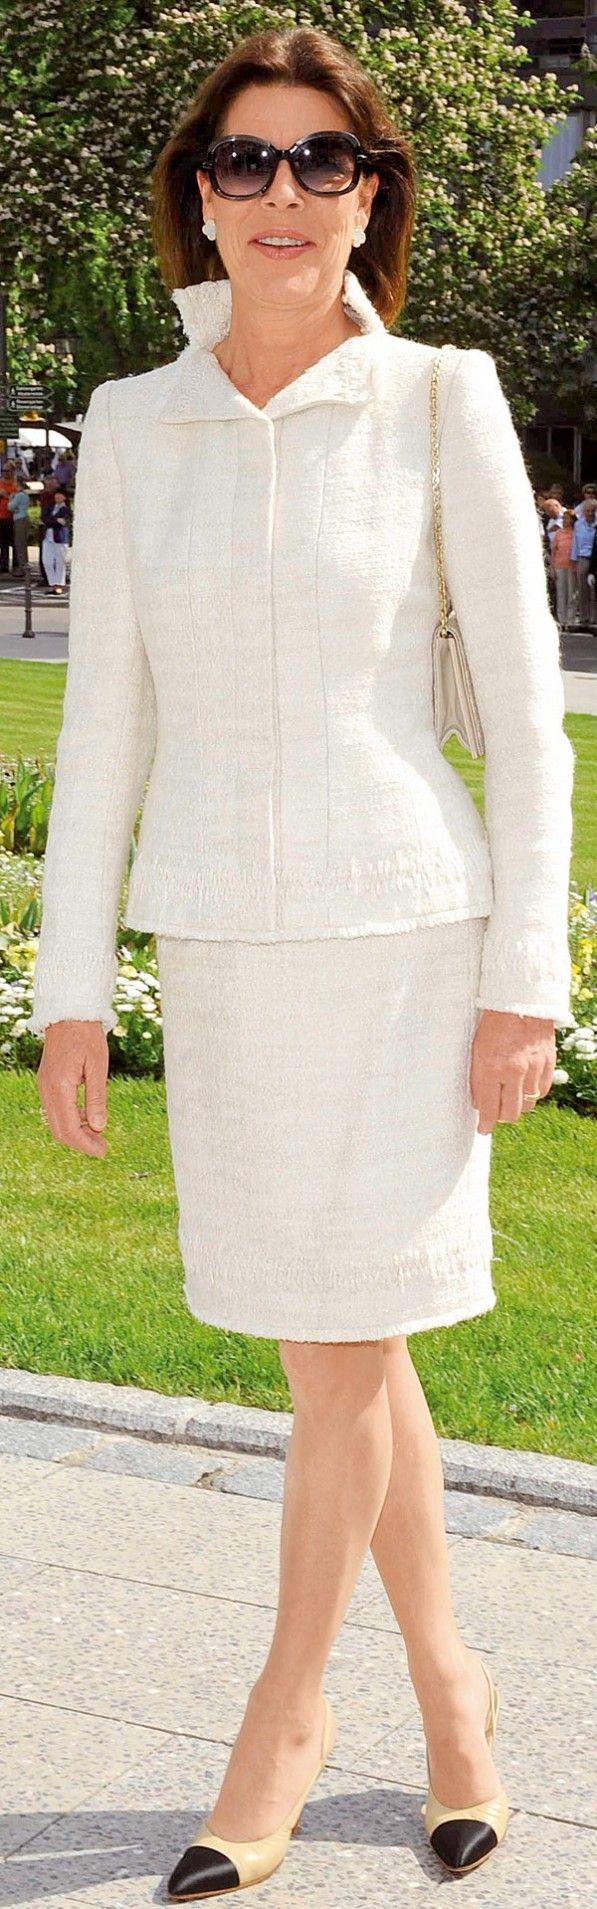 Carolina en traje chaqueta blanco.